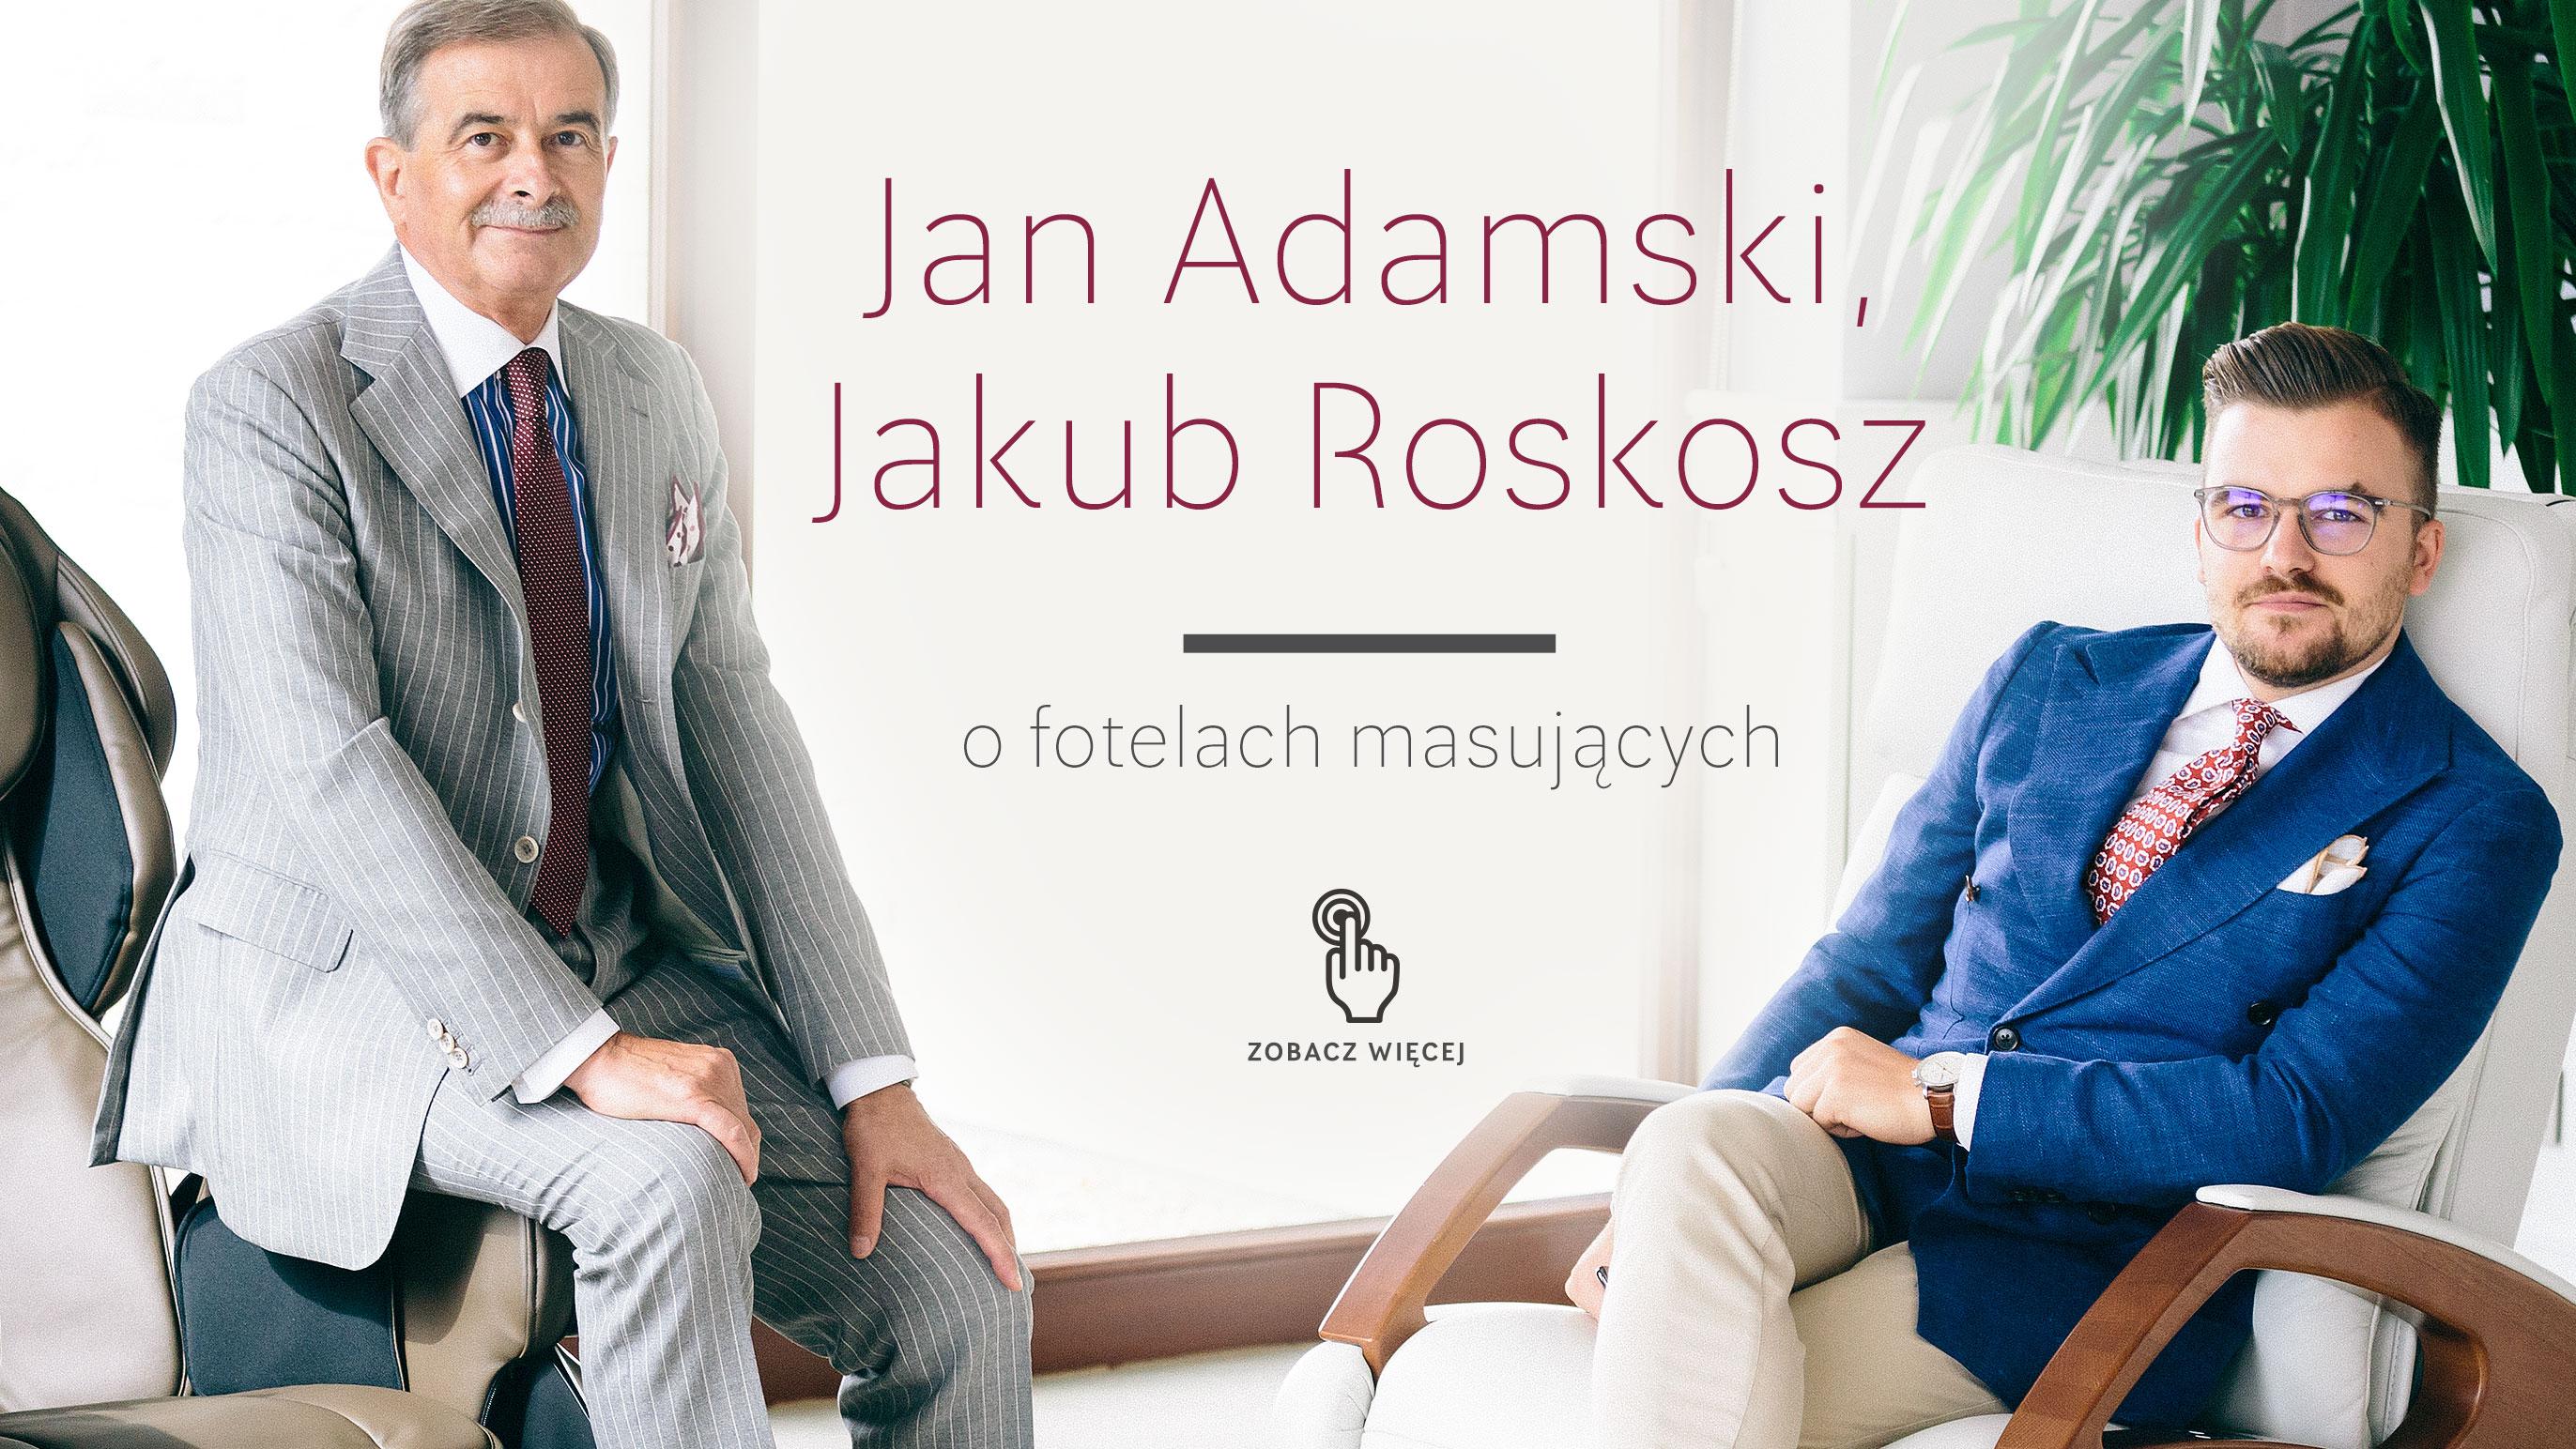 Jan Adamski i Jakub Roskosz na fotelach masujących